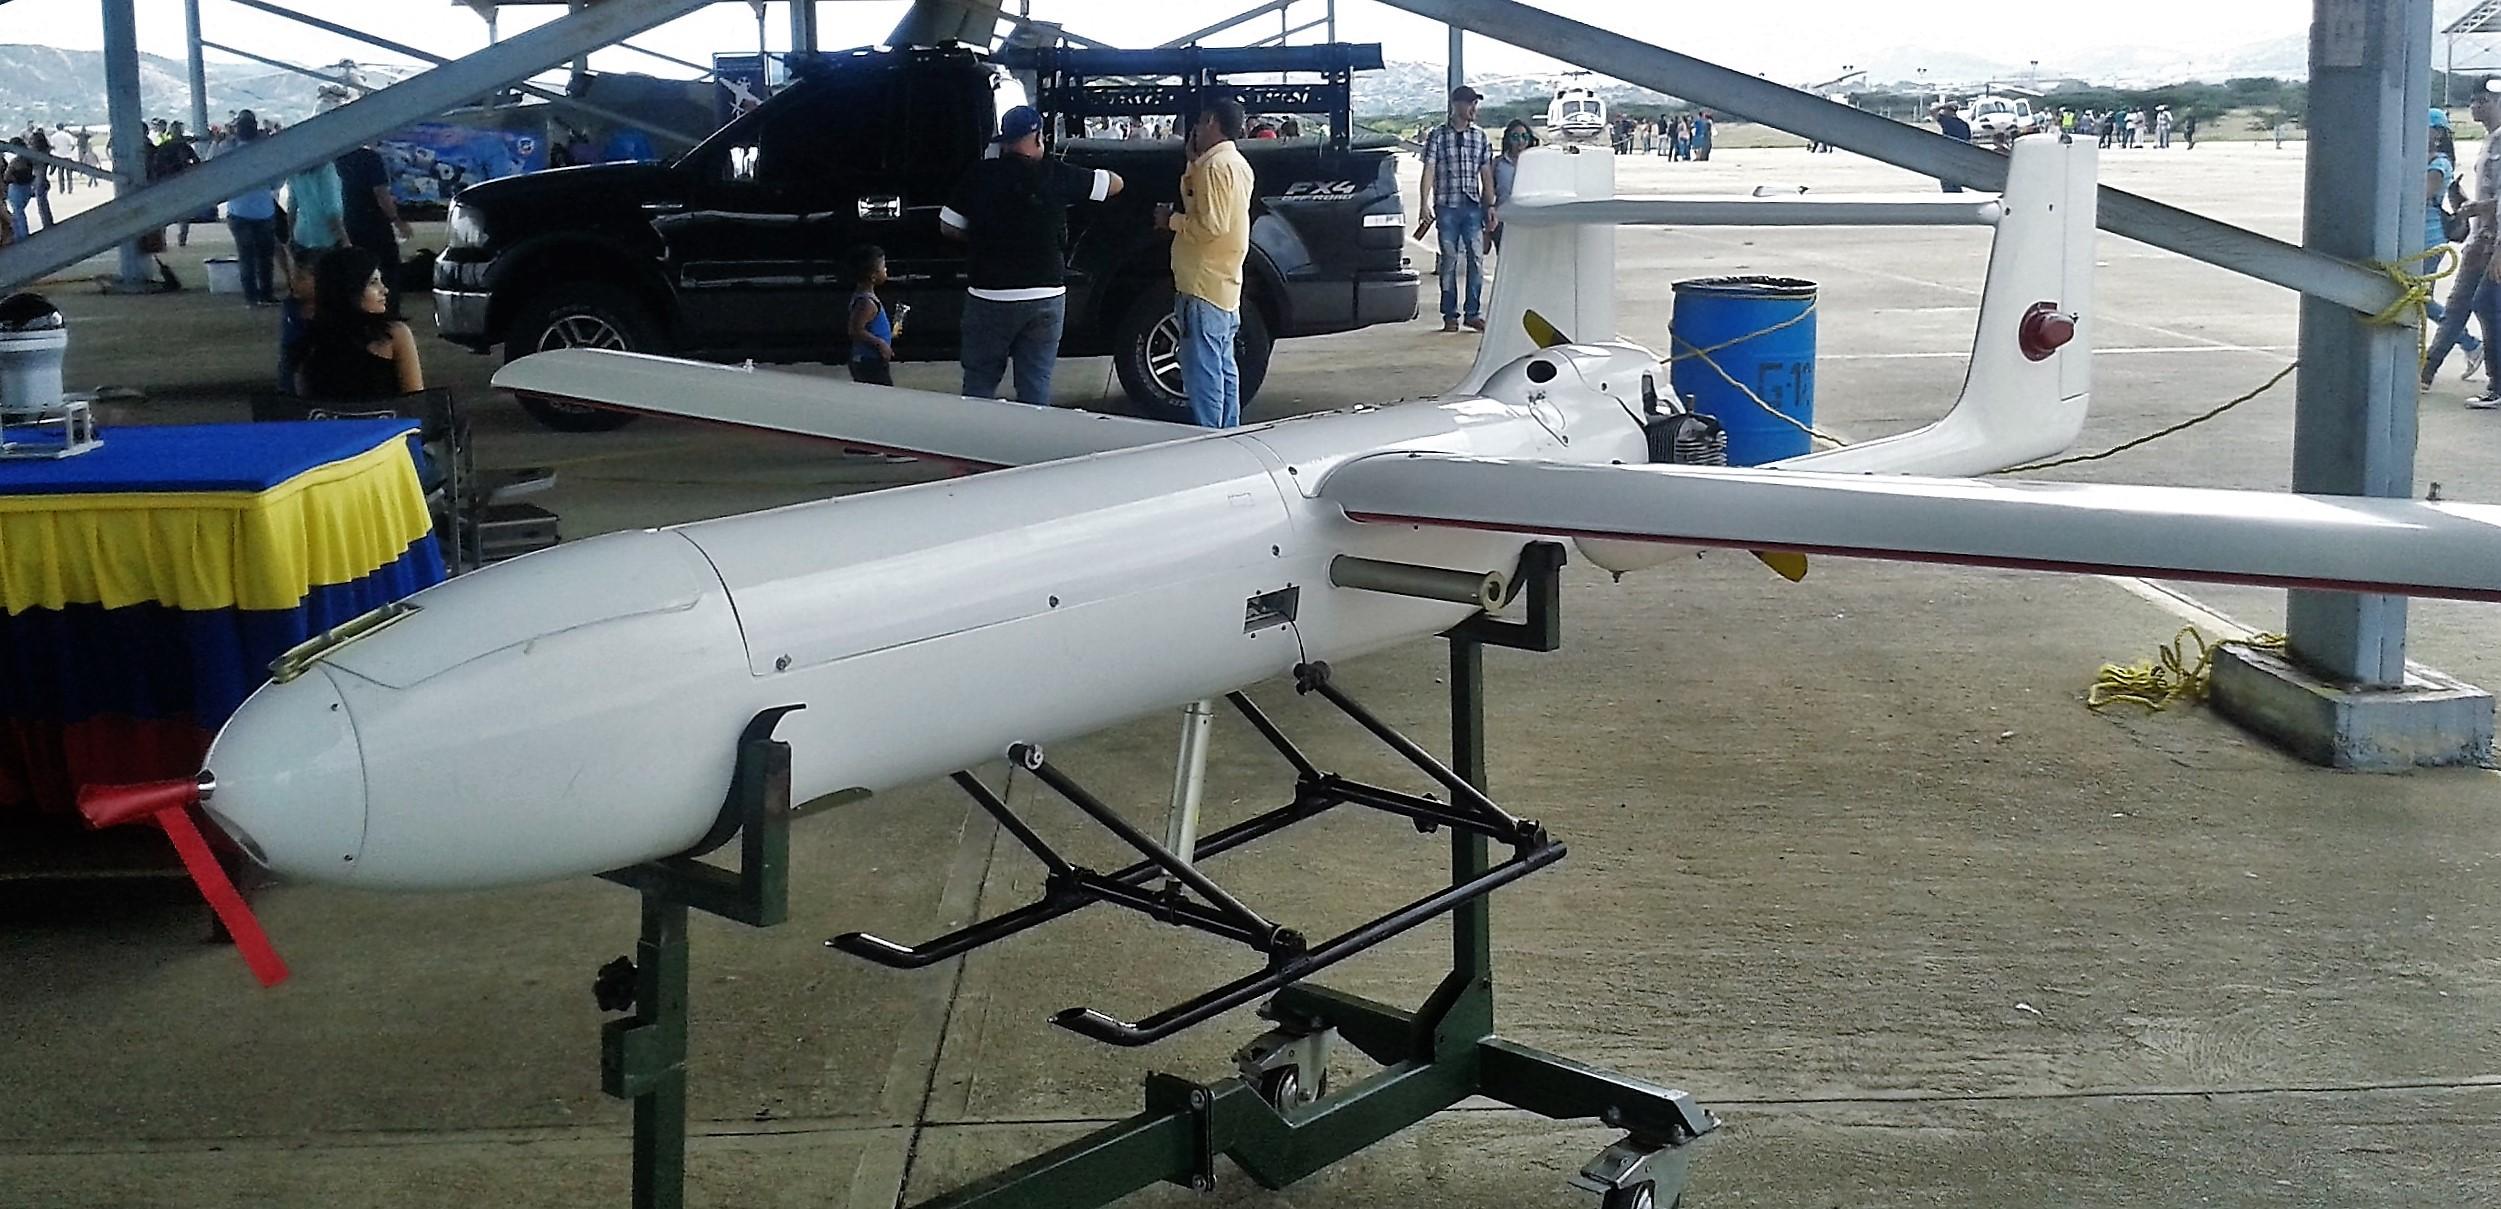 Αnti-drone warfare - Page 2 Sistema_a%C3%A9reo_no_tripulado_-_Mohajer2_Cavim_Sant_Arpia